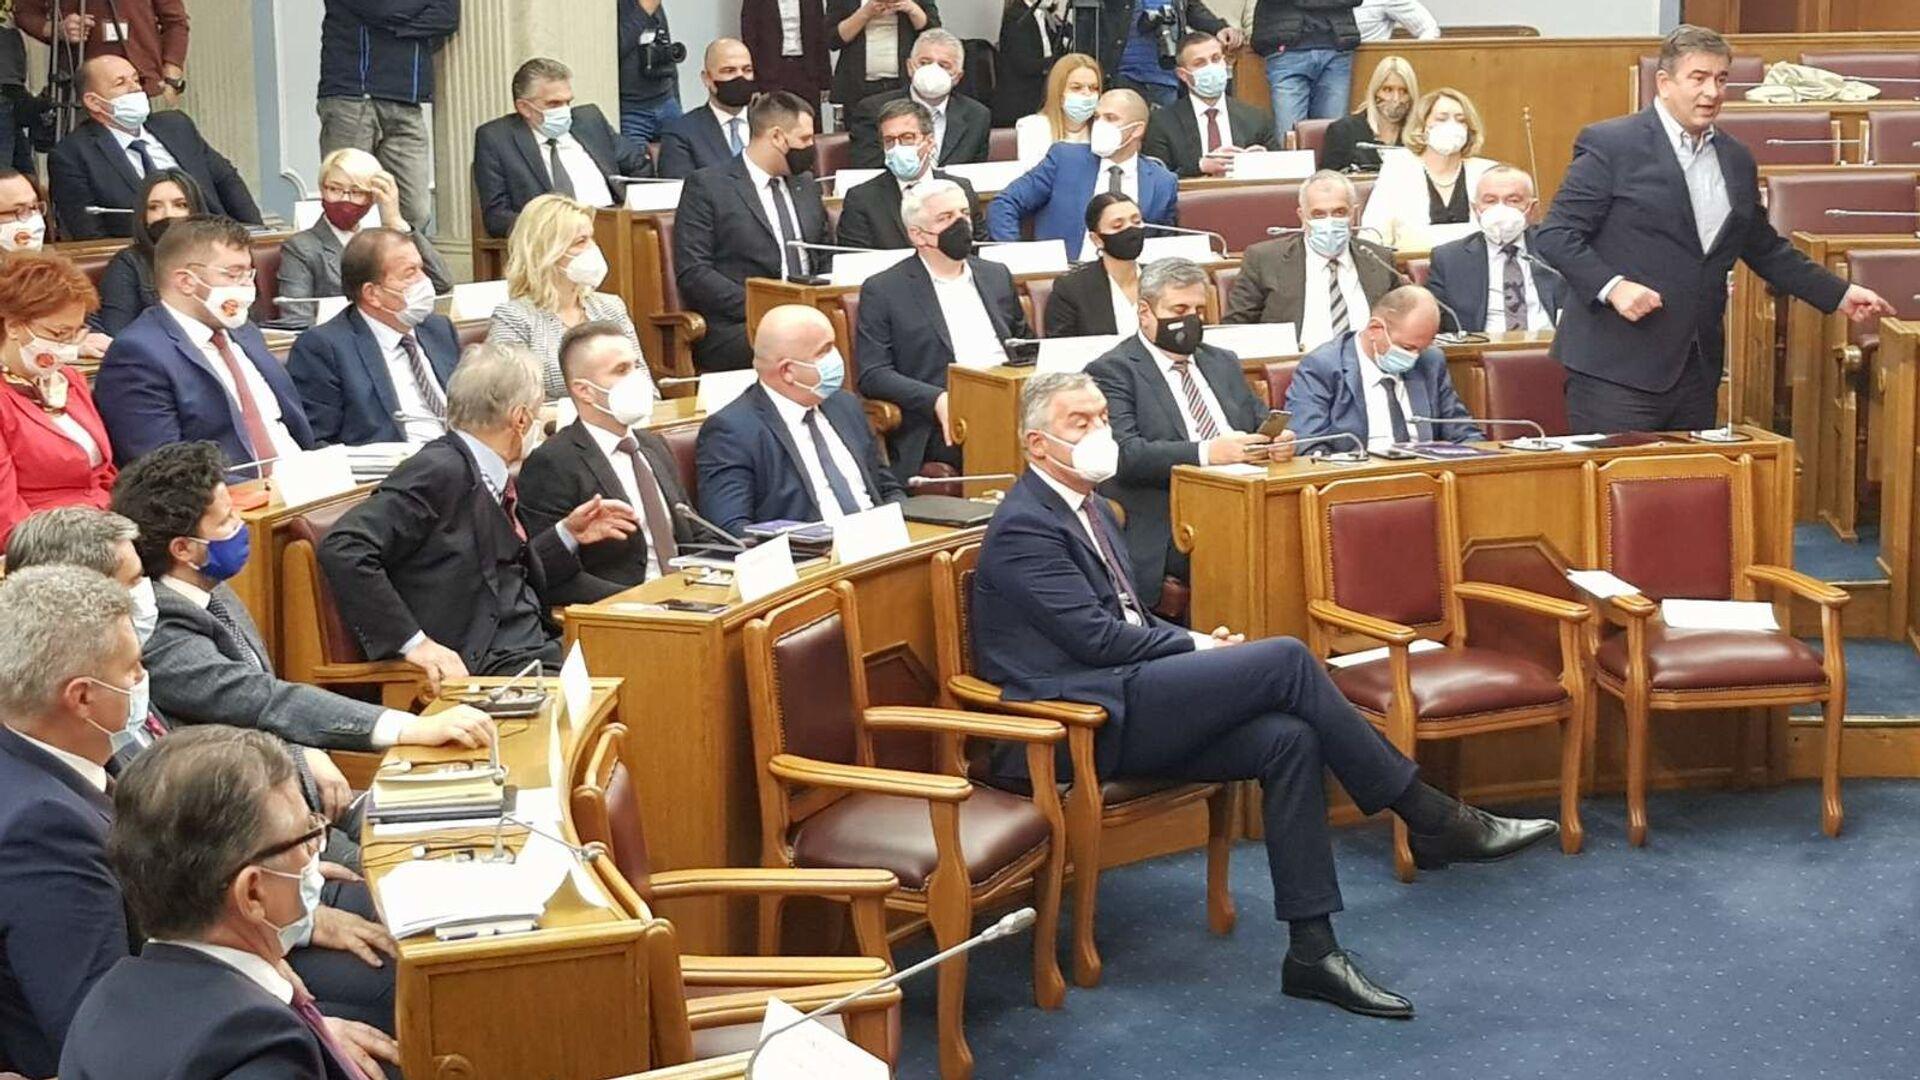 Председник Црне Горе Мило Ђукановић на представљању предлога нове владе - Sputnik Србија, 1920, 16.09.2021